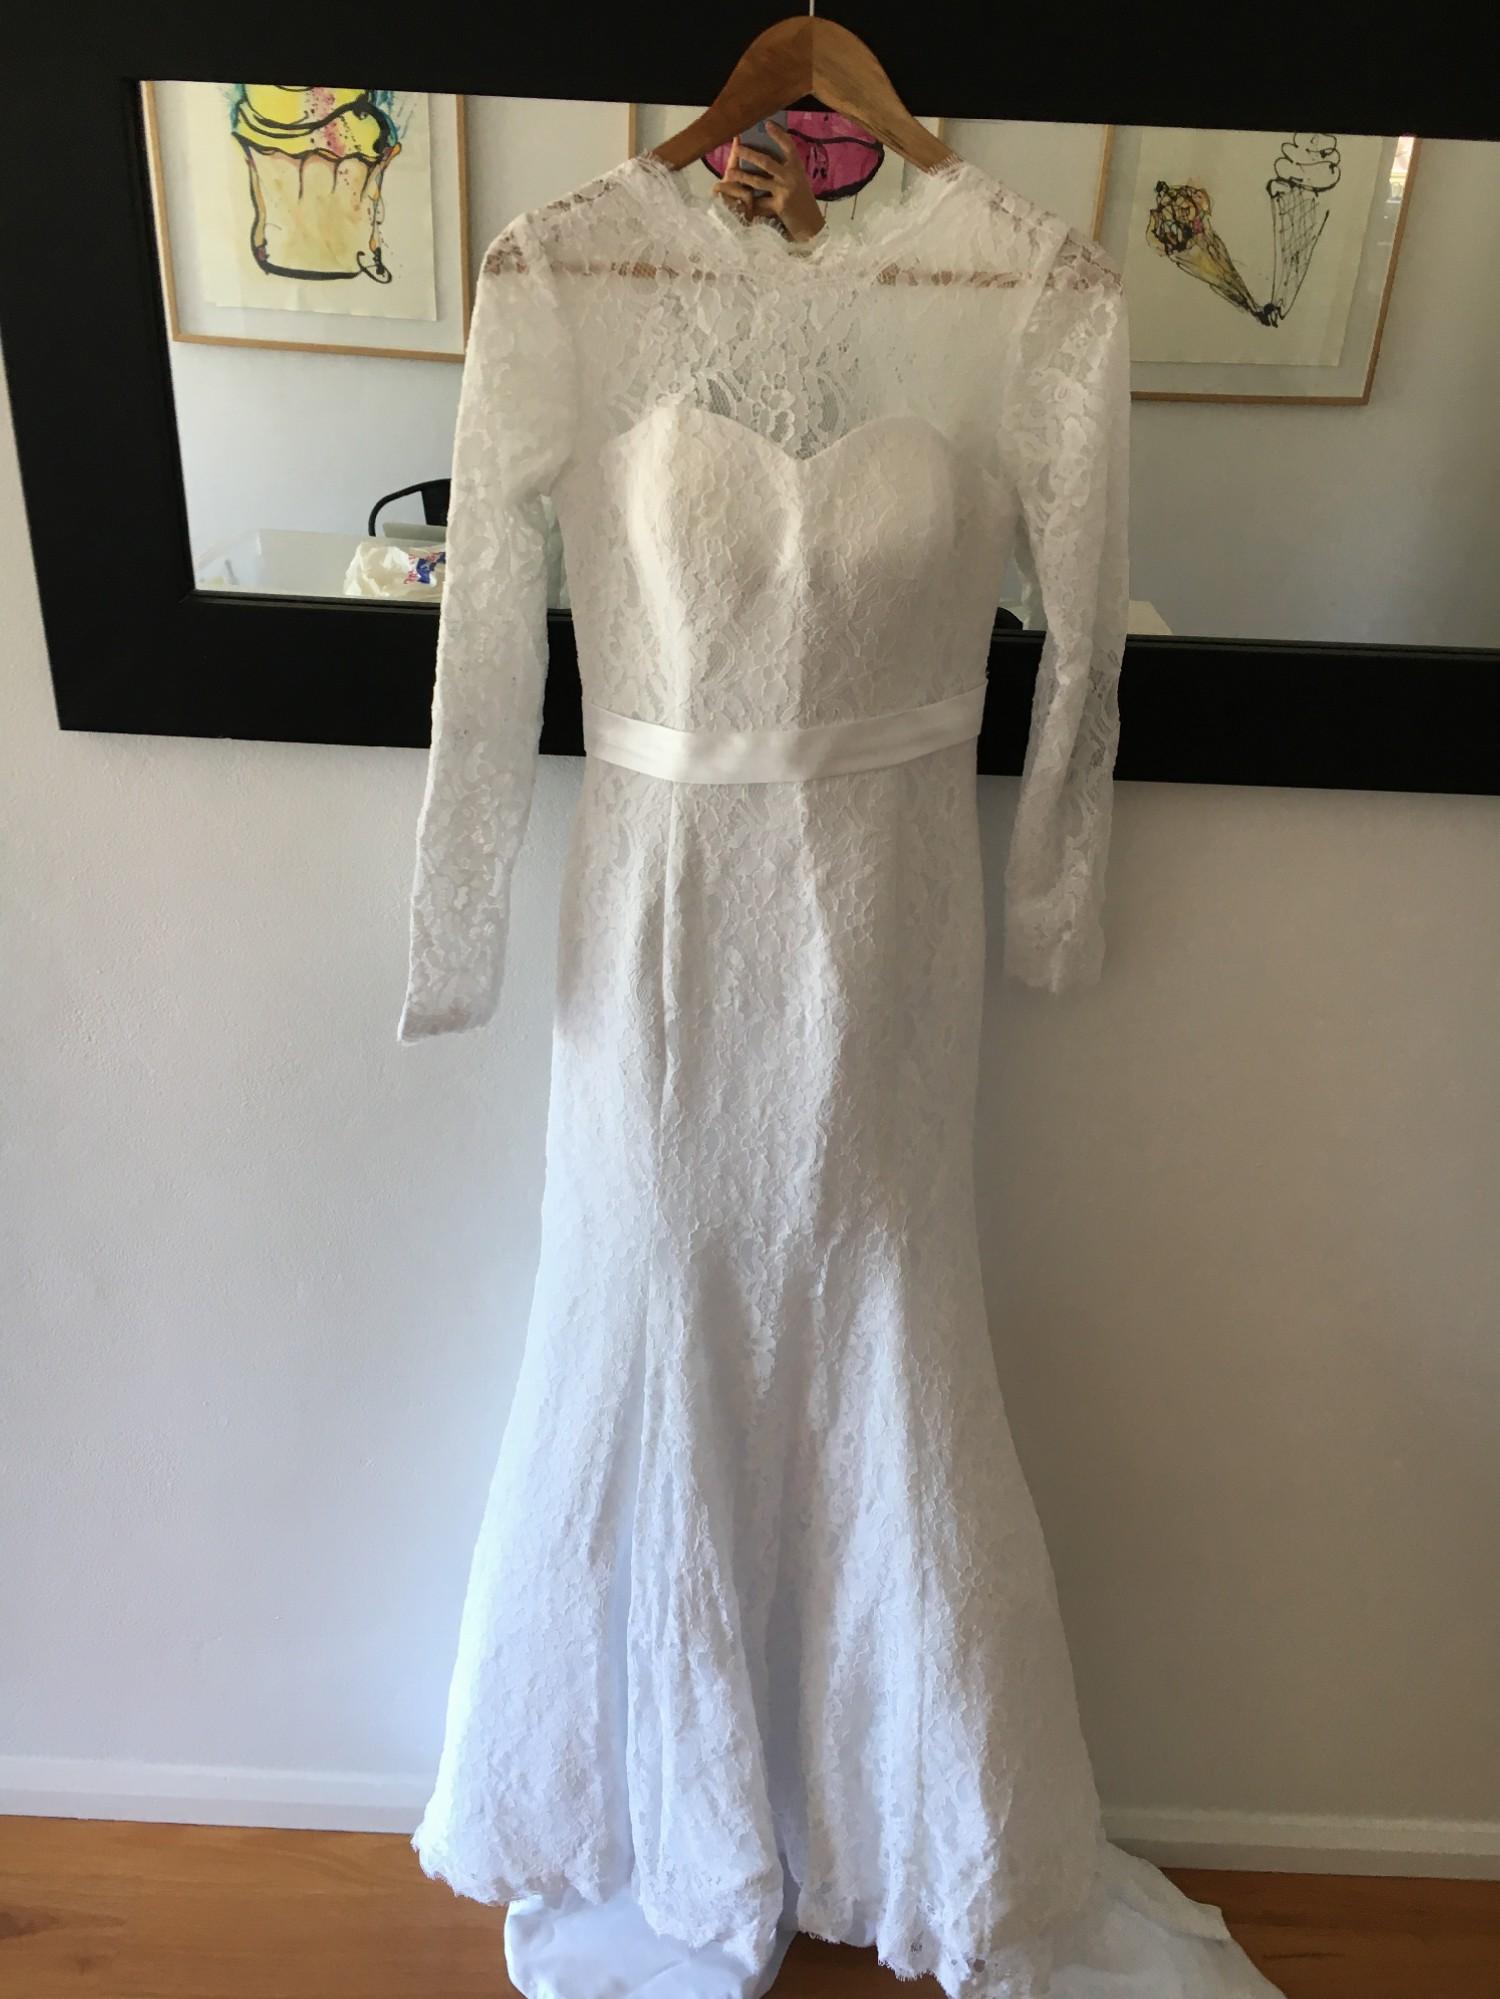 Sheath New Wedding Dress on Sale 88% Off